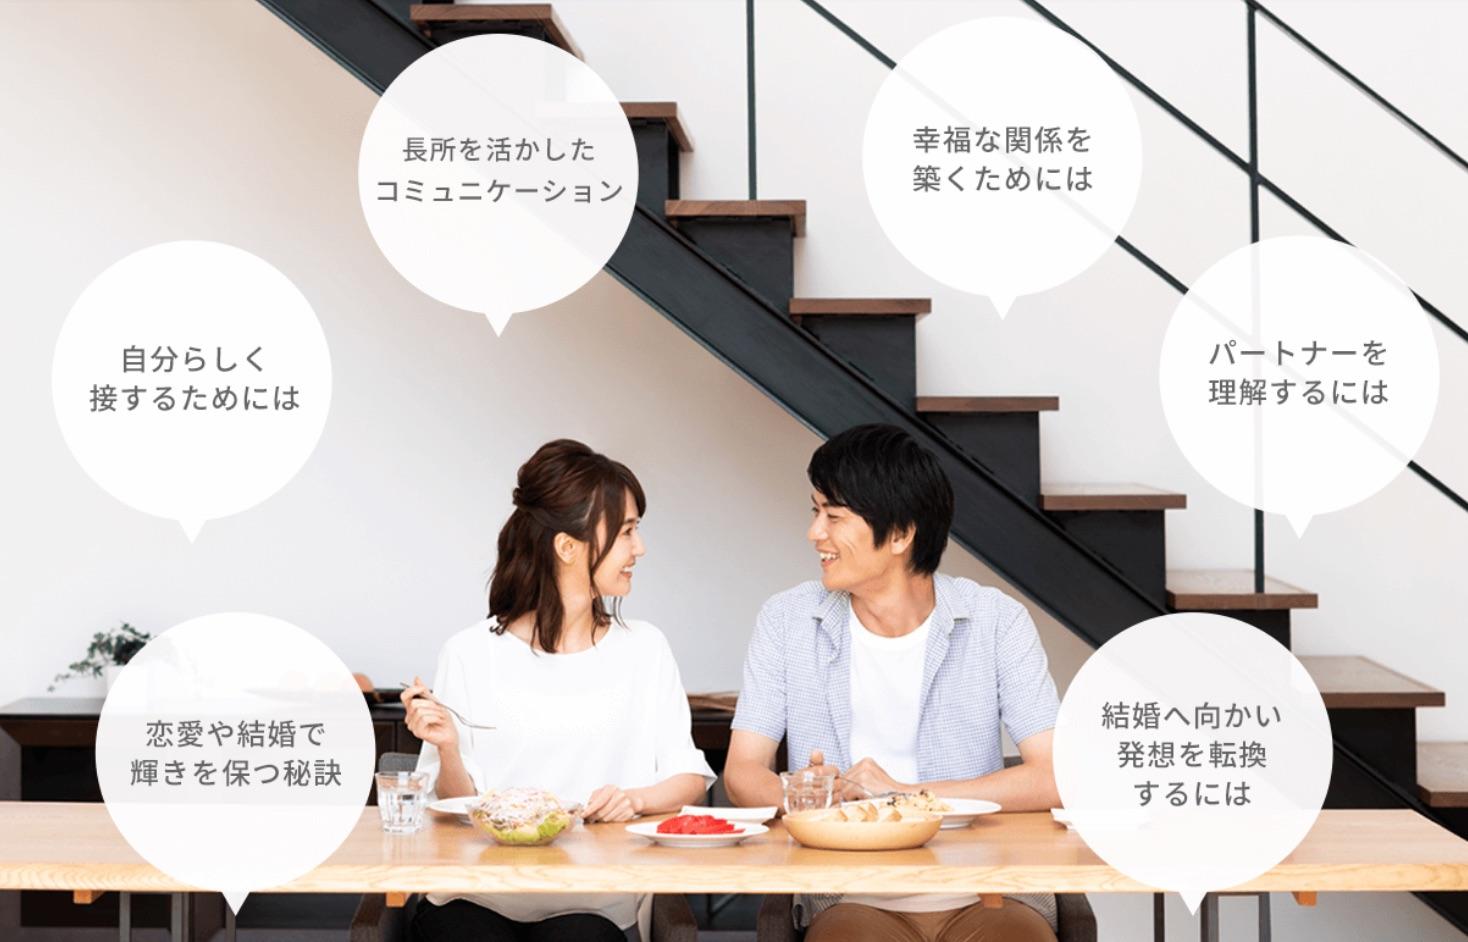 さまざまな交際アドバイスのイメージ写真